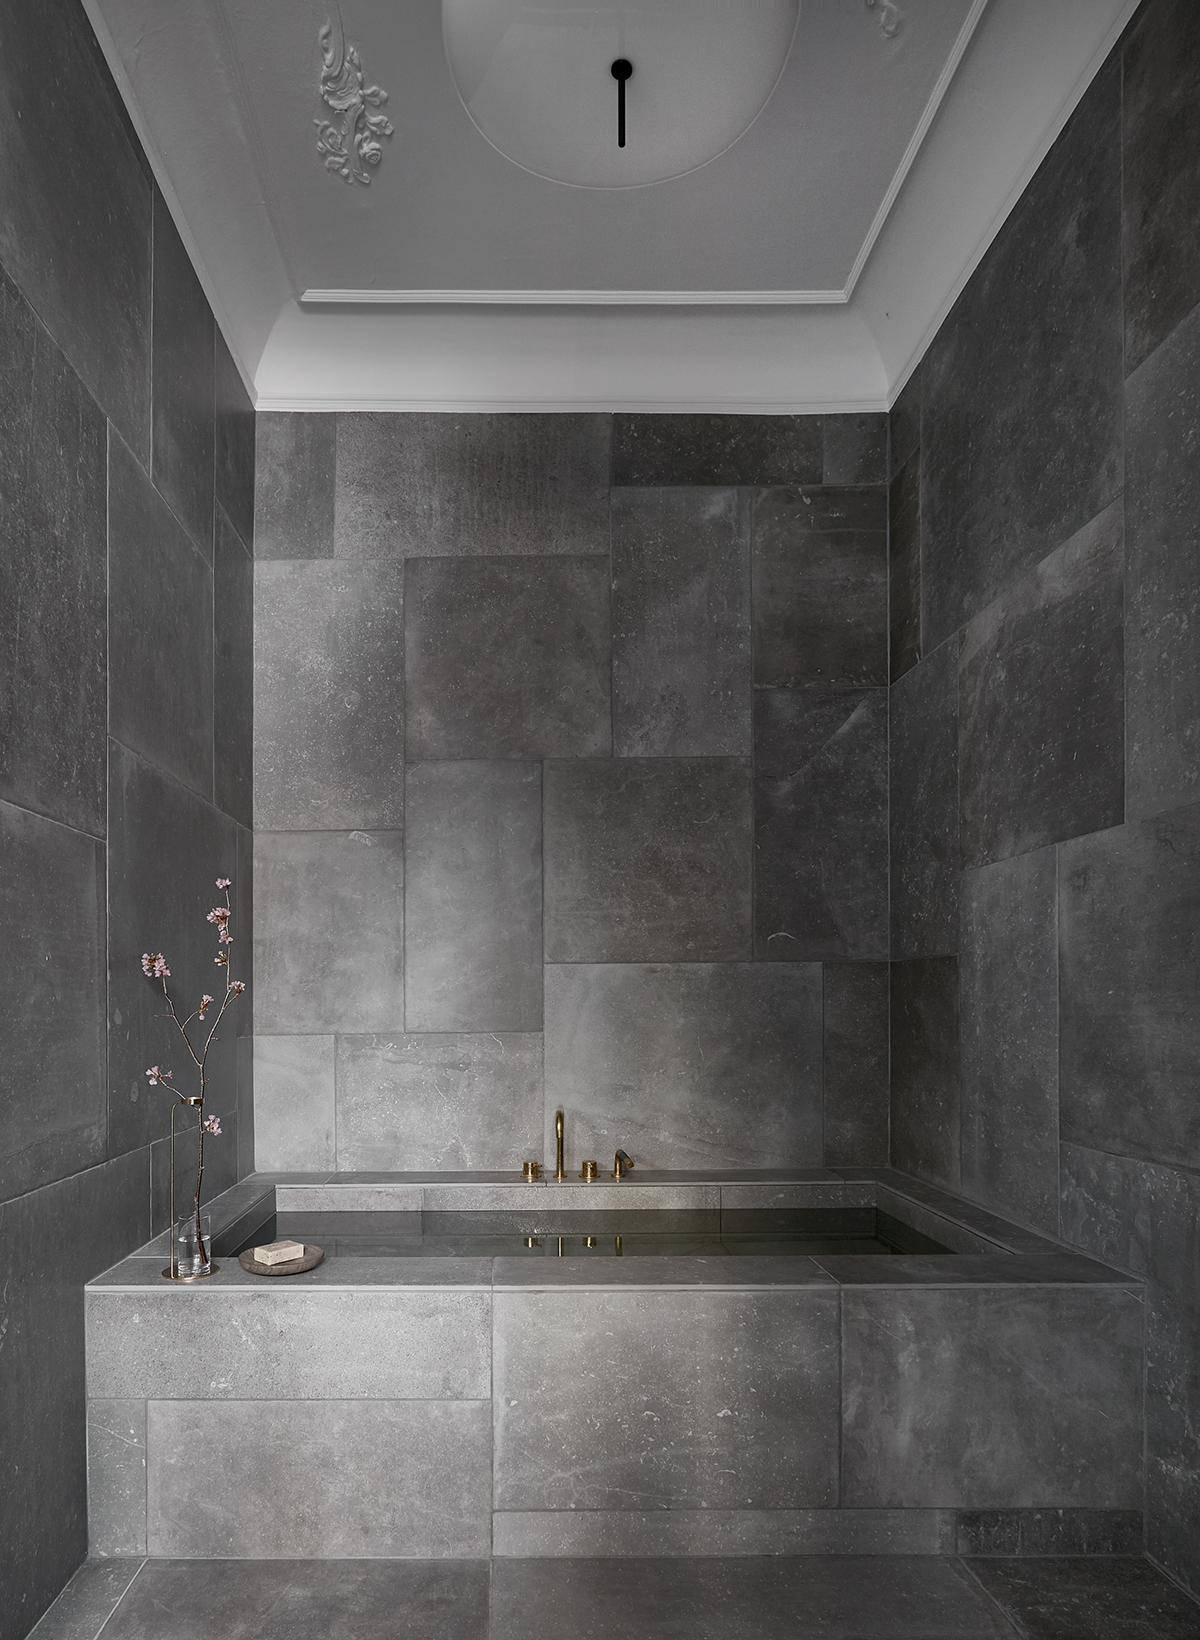 donkere badkamer Archives - Badkamers voorbeelden